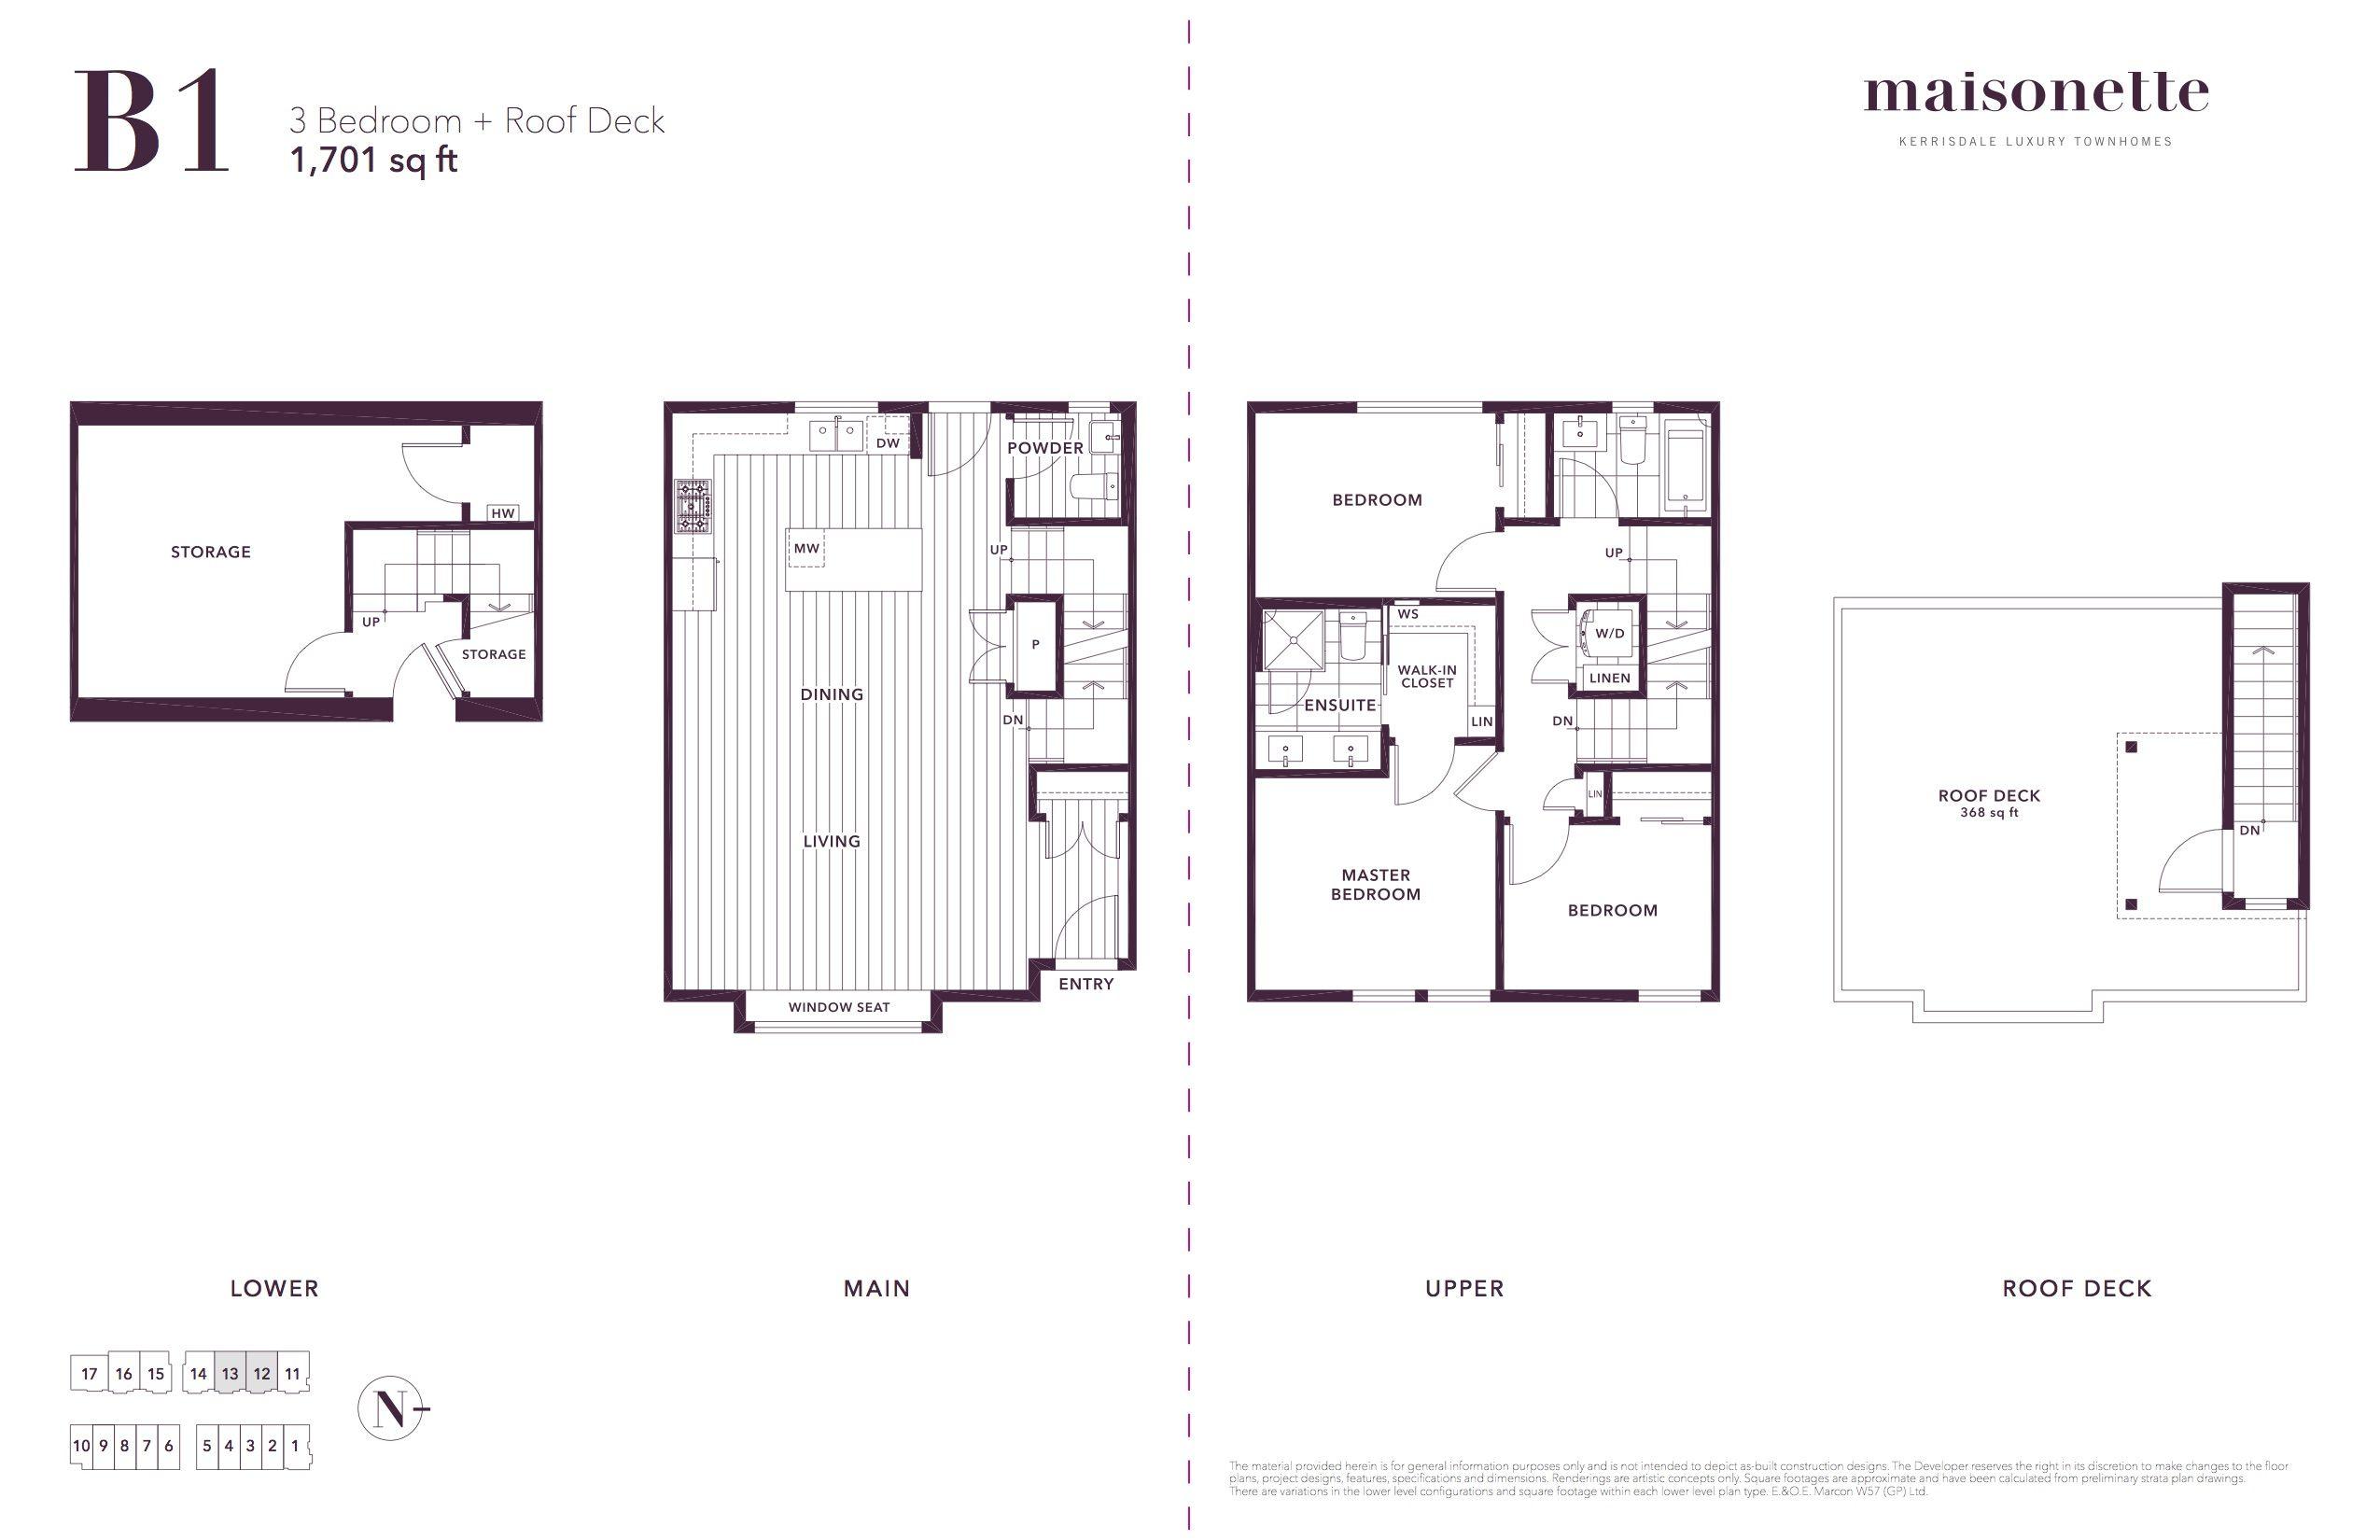 Floorplan B1 For Maisonette Luxury Townhouse Town House Plans Luxury House Plans